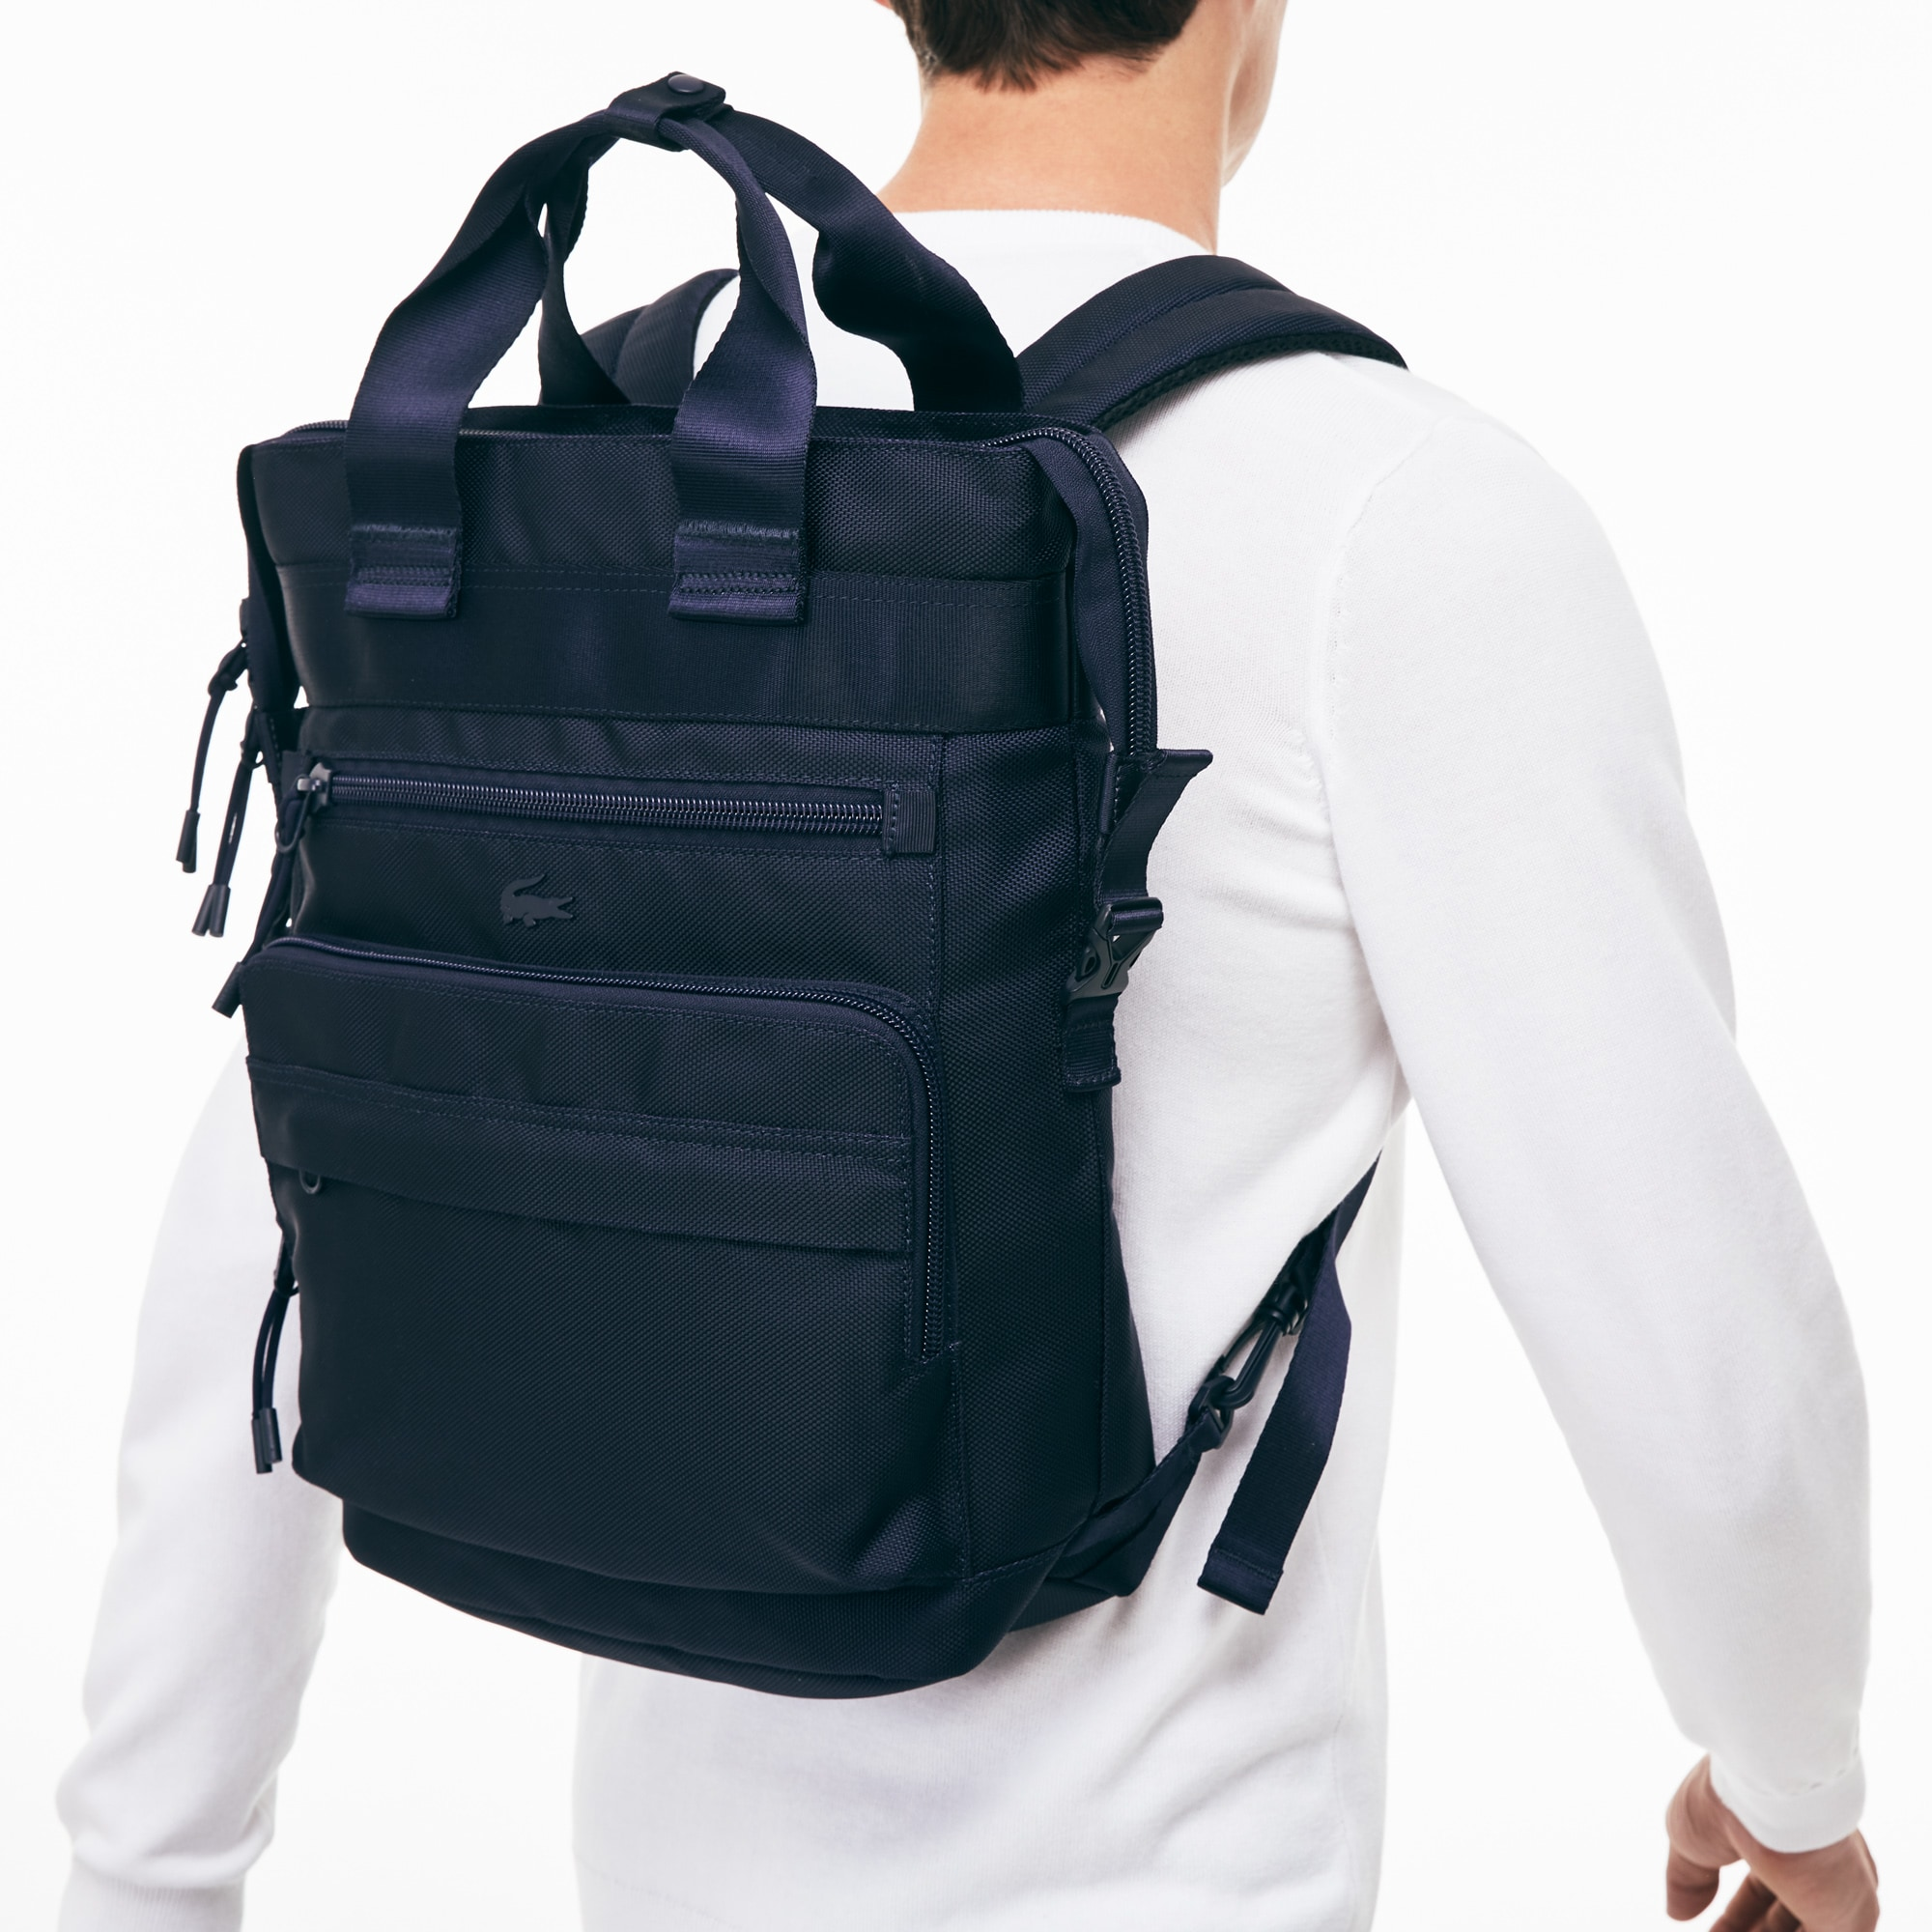 Leichte Herren-Rucksacktasche TECHNI-CITY aus Nylon